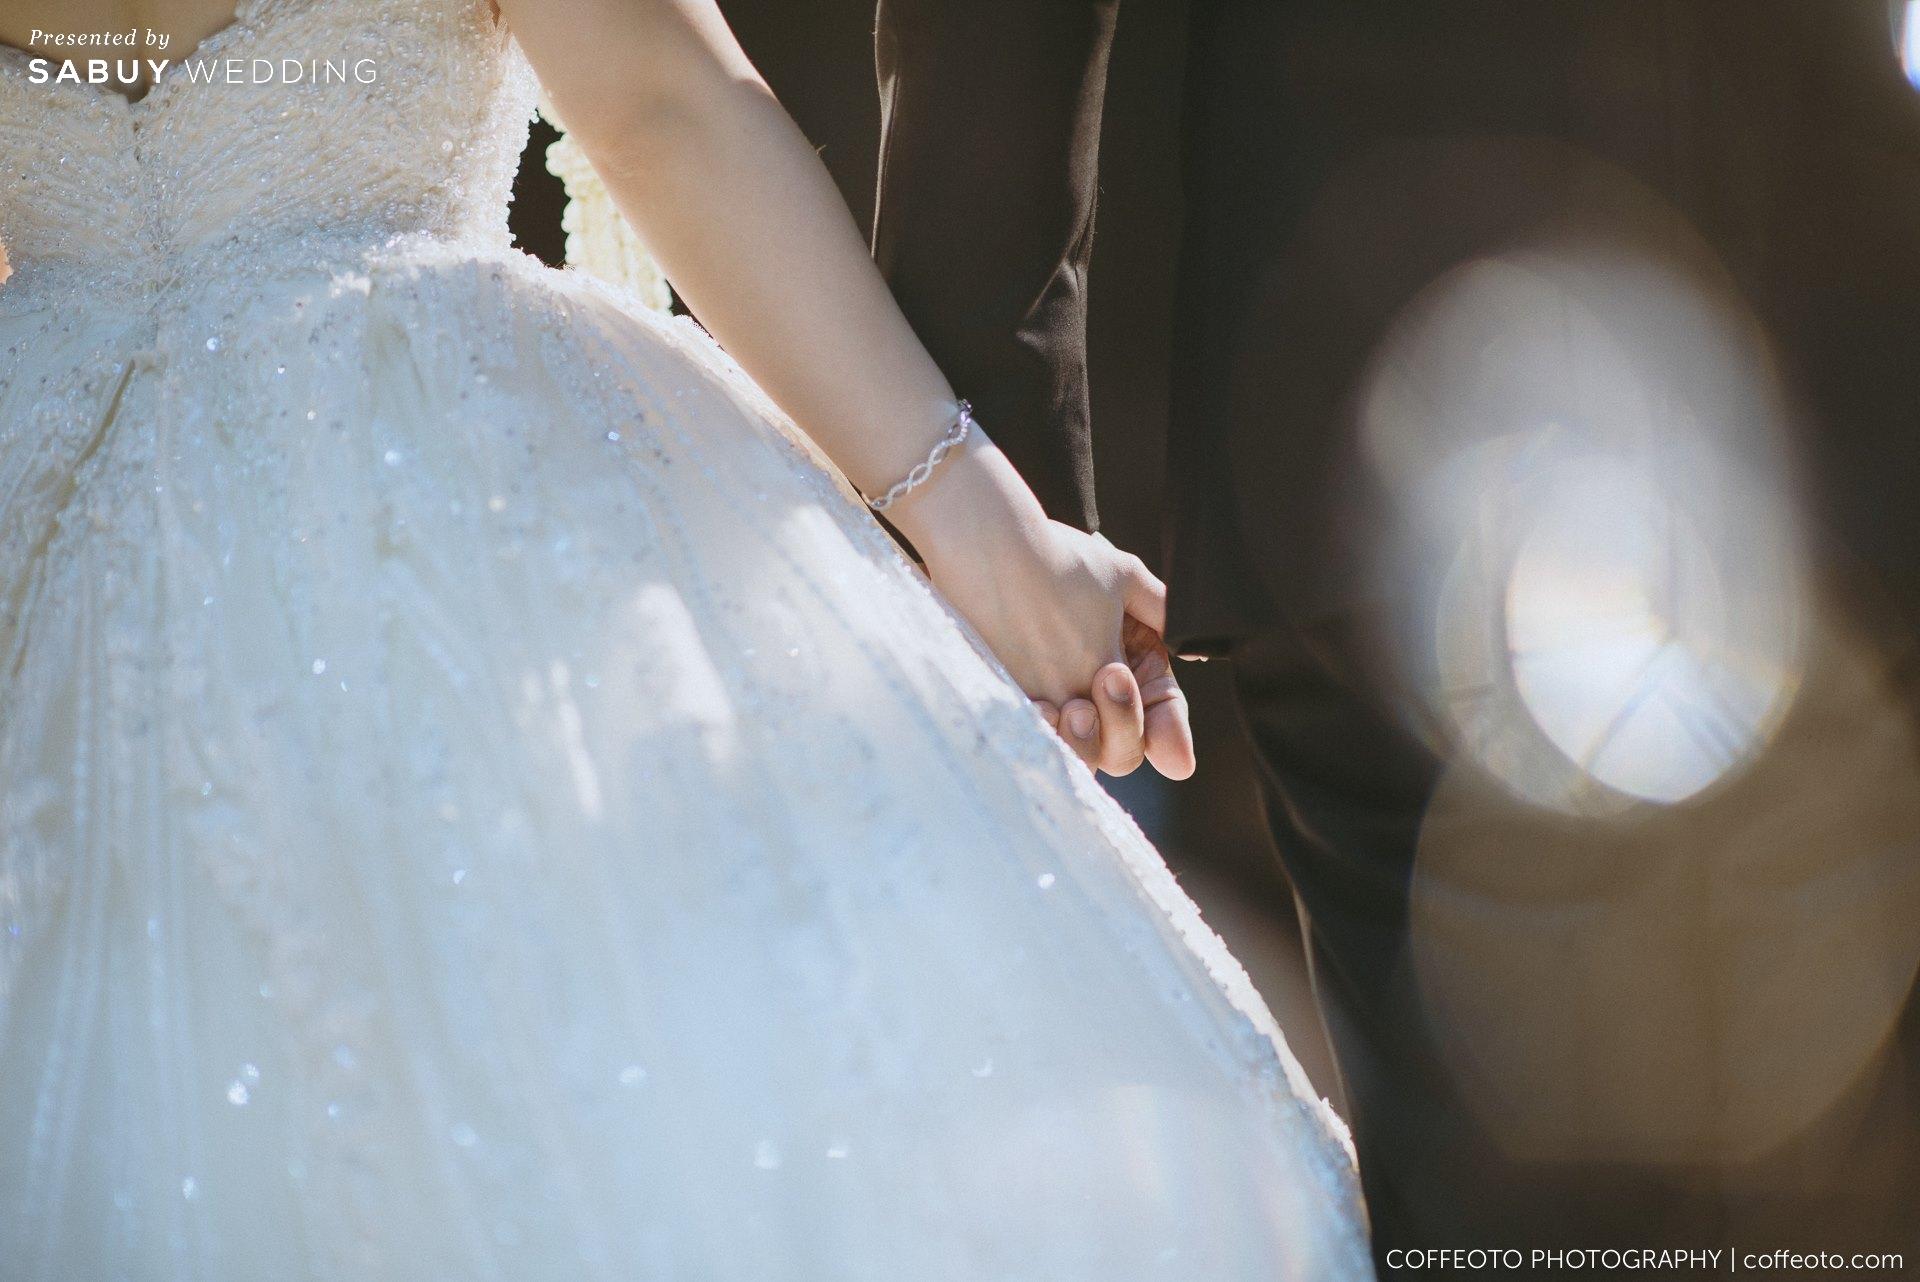 ชุดเจ้าสาว,ชุดแต่งงาน ชุดแต่งงานดีไซน์ล้ำ! เปลี่ยนหลายลุคให้สวยได้ในชุดเดียว